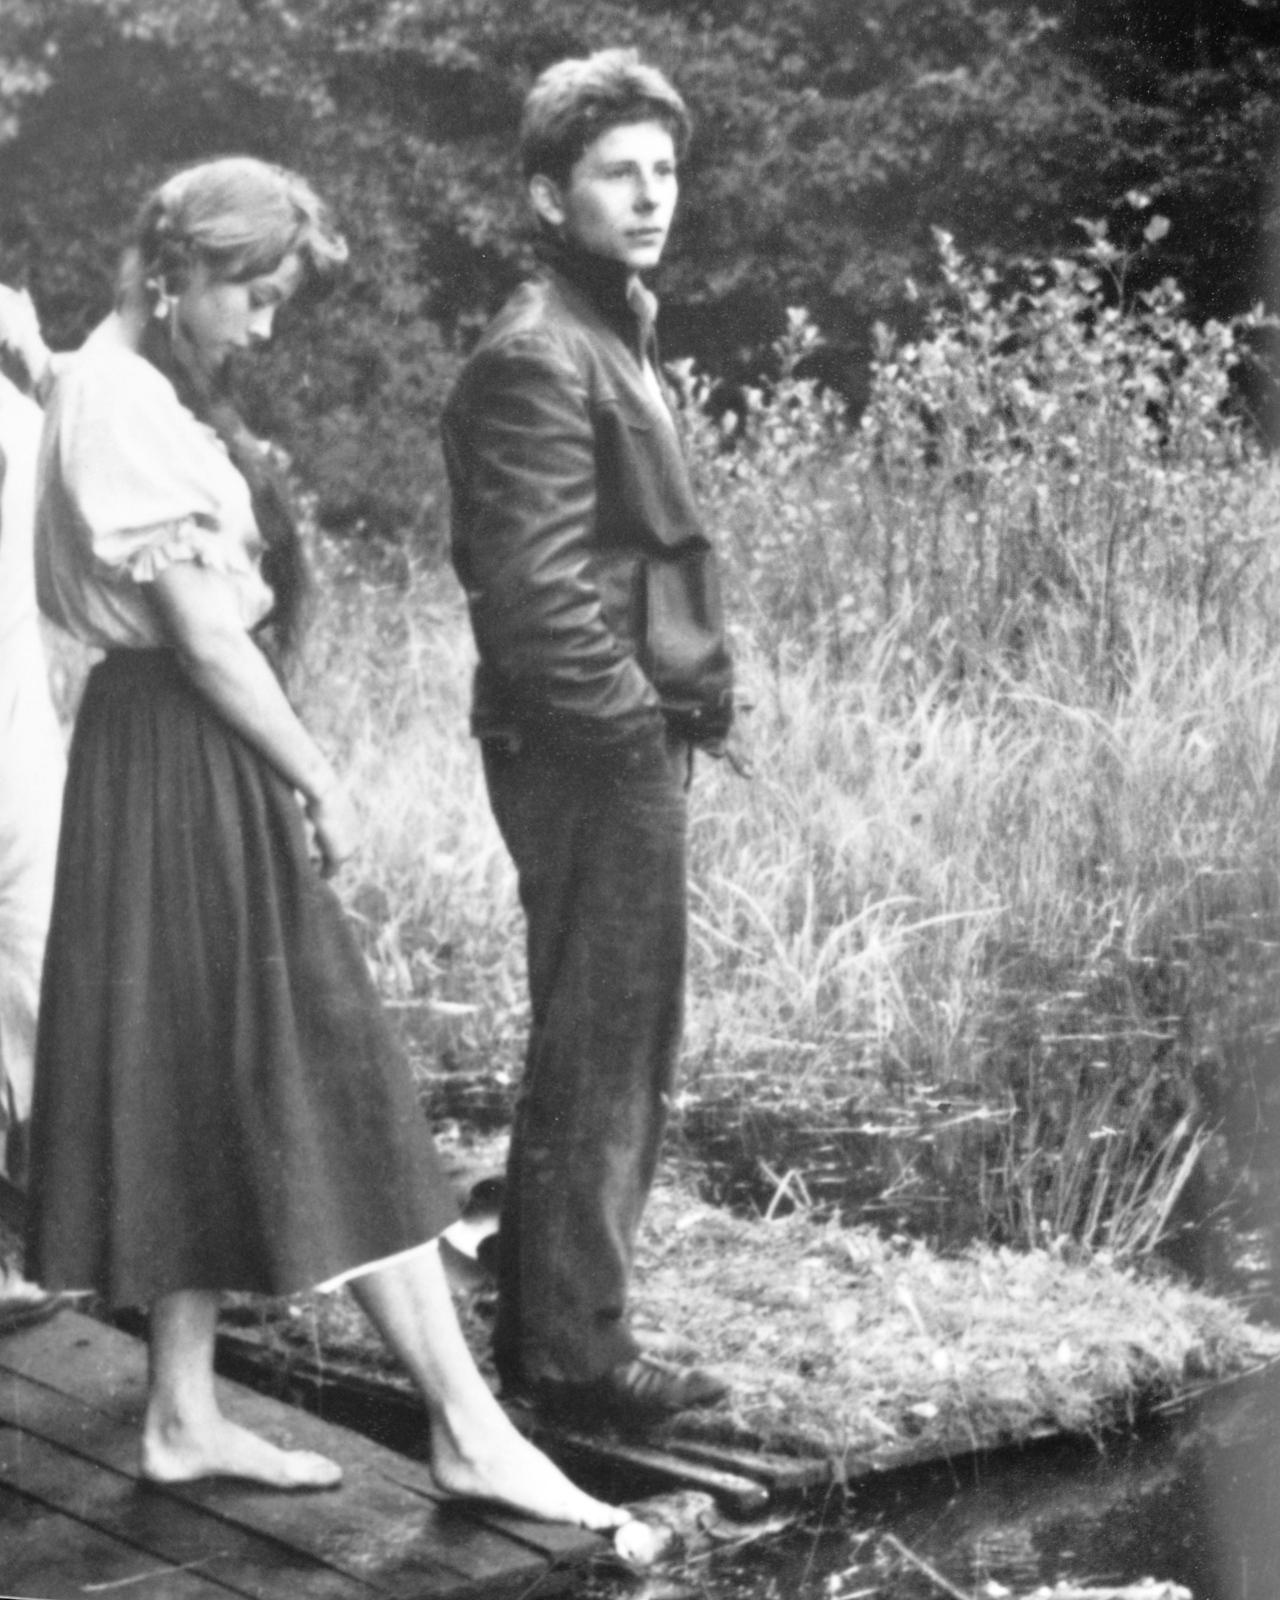 Paret Barbara Lass (Kwiatkowska) och Roman Polanski under inspelningen av  When Angels Fall .